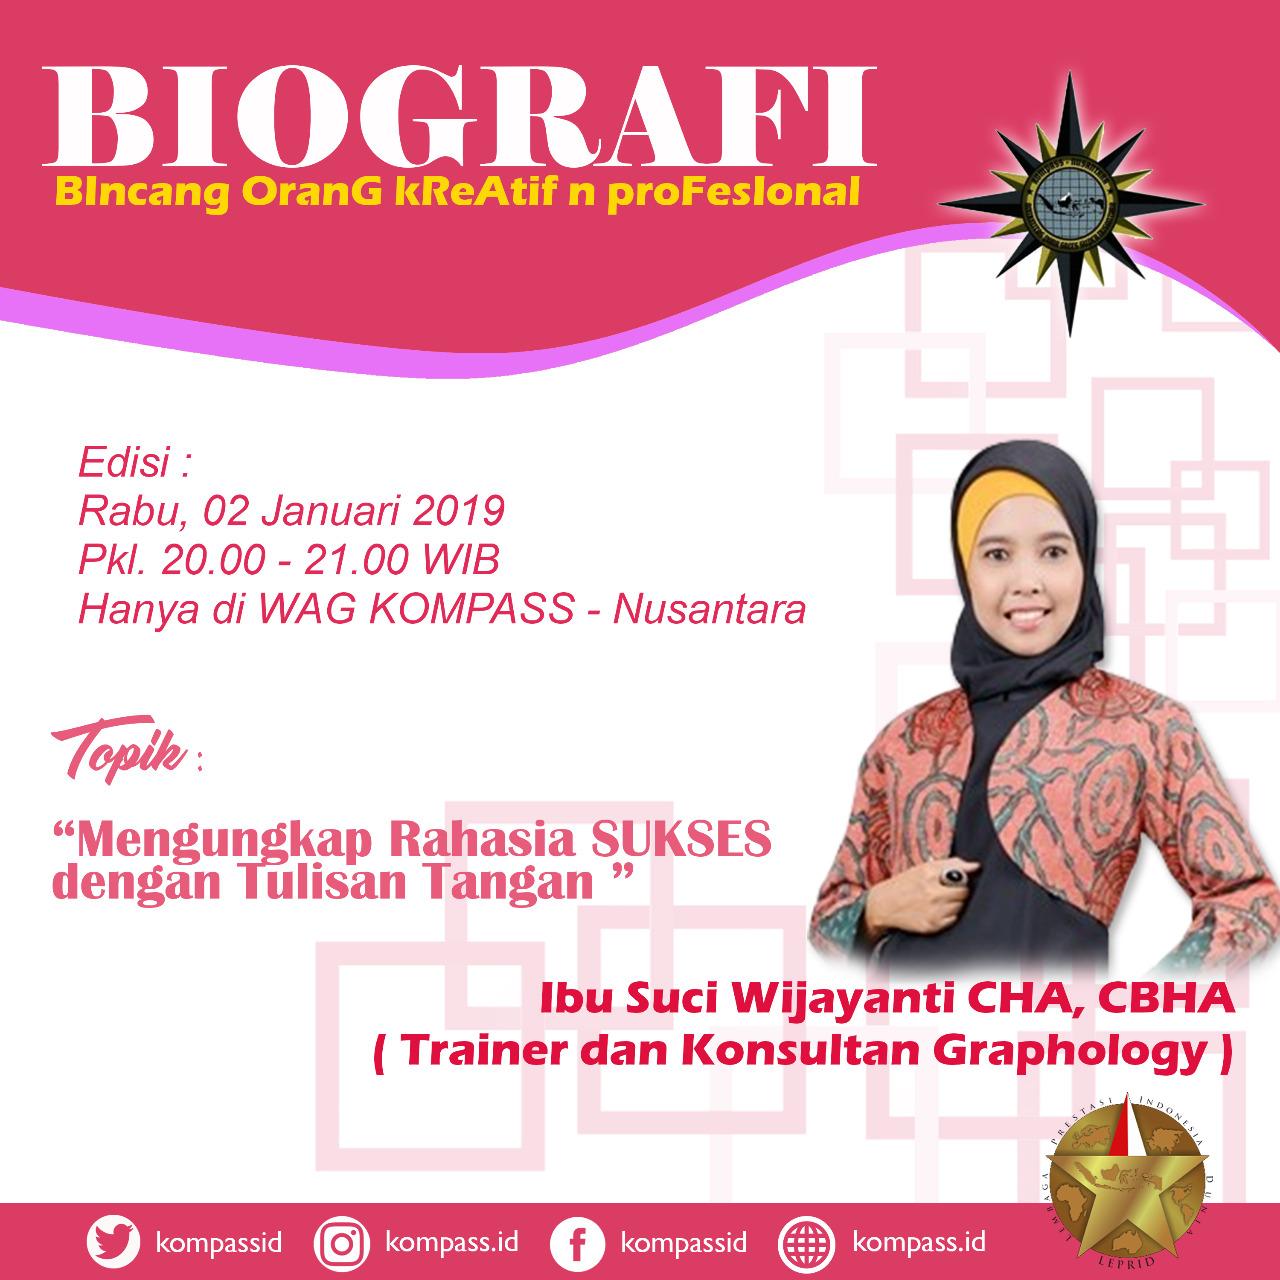 Program Biografi KOMPASS Nusantara 2 Januari 2019